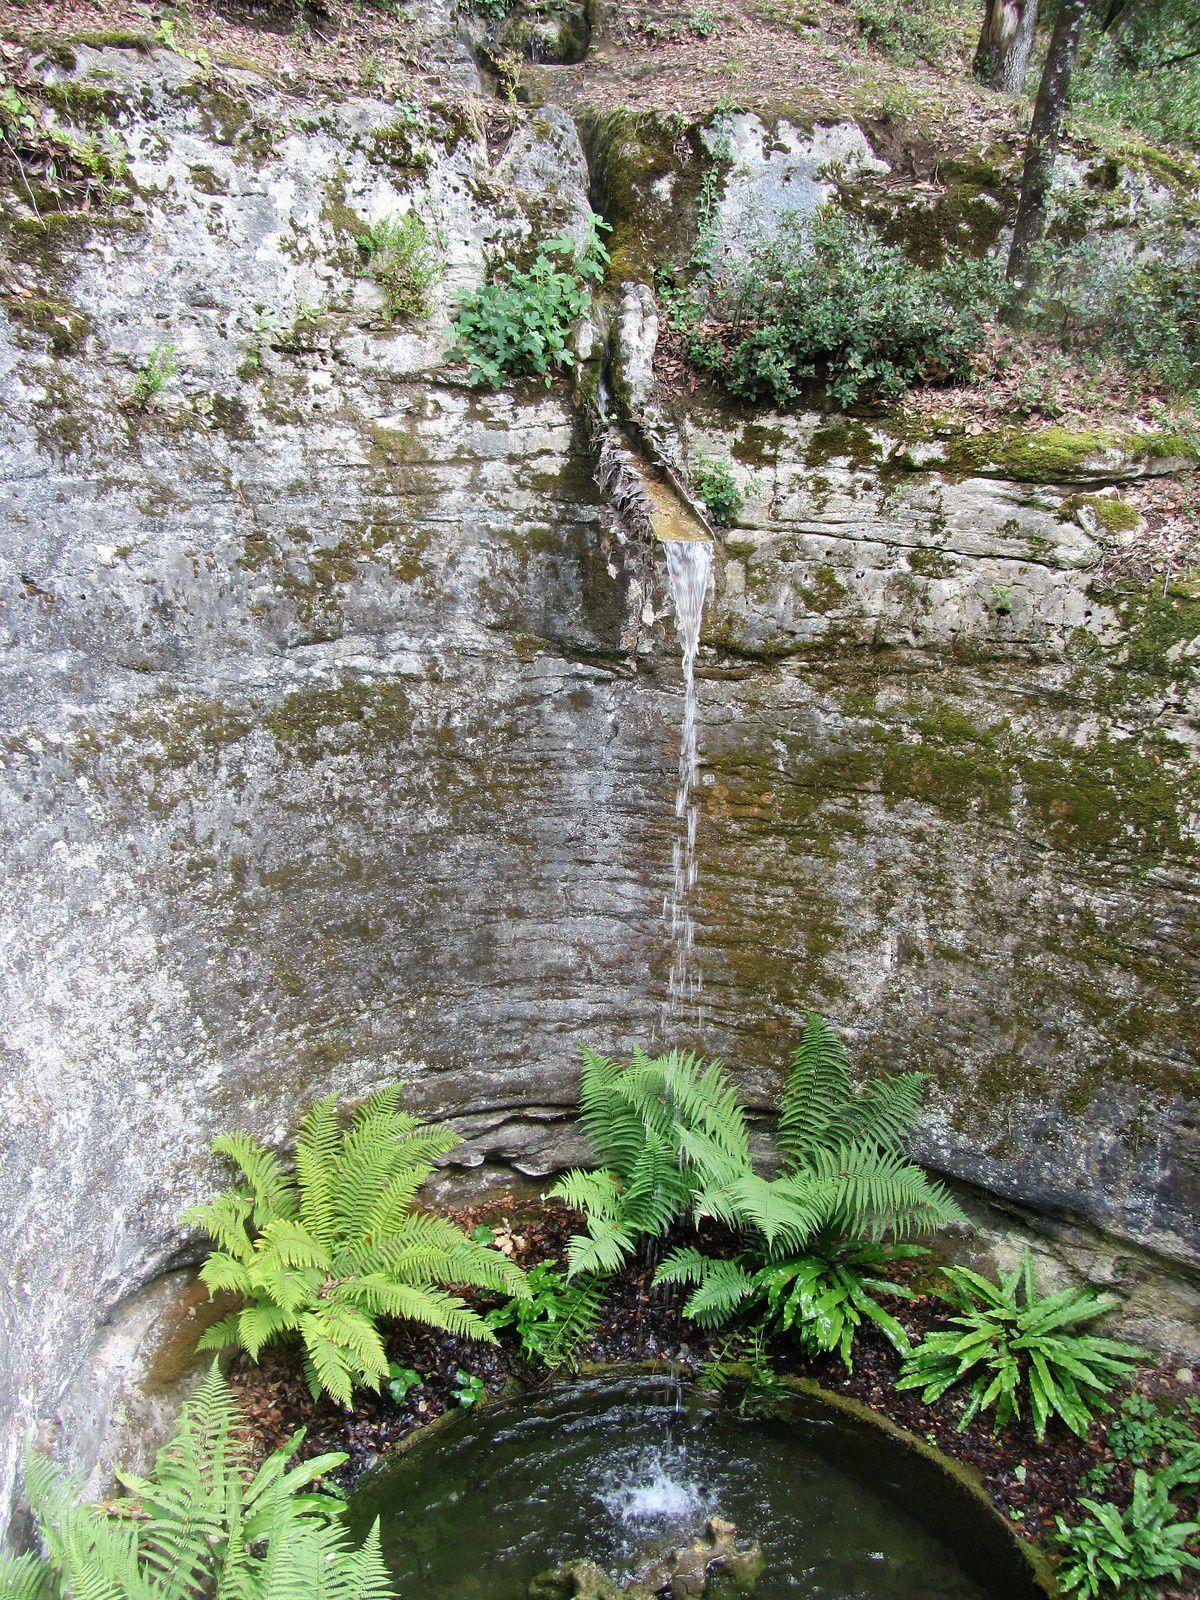 La nature peut par sa force et avec du temps créer ce genre de bassin naturel creusé dans la pierre. En effet autrefois souterraine l'eau par la force des crues a modeler les parois d'une grotte, puis après érosion, une partie de la paroi s'est détachée, dévoillant la cuvette parfaitement sculptée.